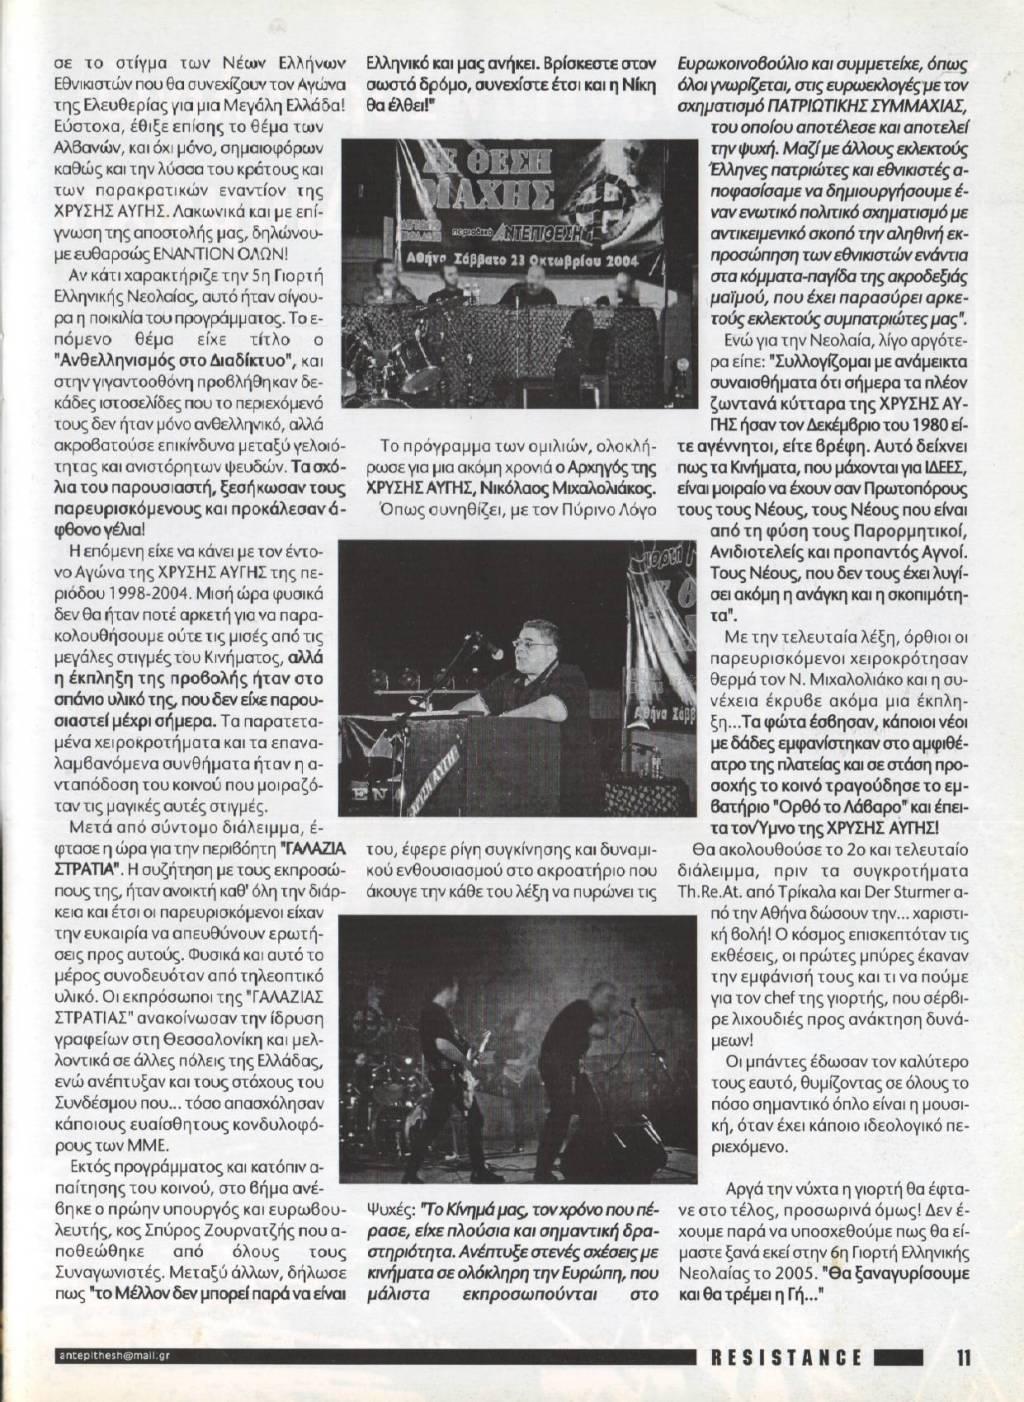 2004-10-23 - 5η Γιορτή Νεολαίας Χρυσή Αυγή Σε θέση μάχης Ομιλία Μιχαλολιάκου - ΑΝΤΕΠΙΘΕΣΗ, Α.Τ. 21, 01-2005, σελ. 11